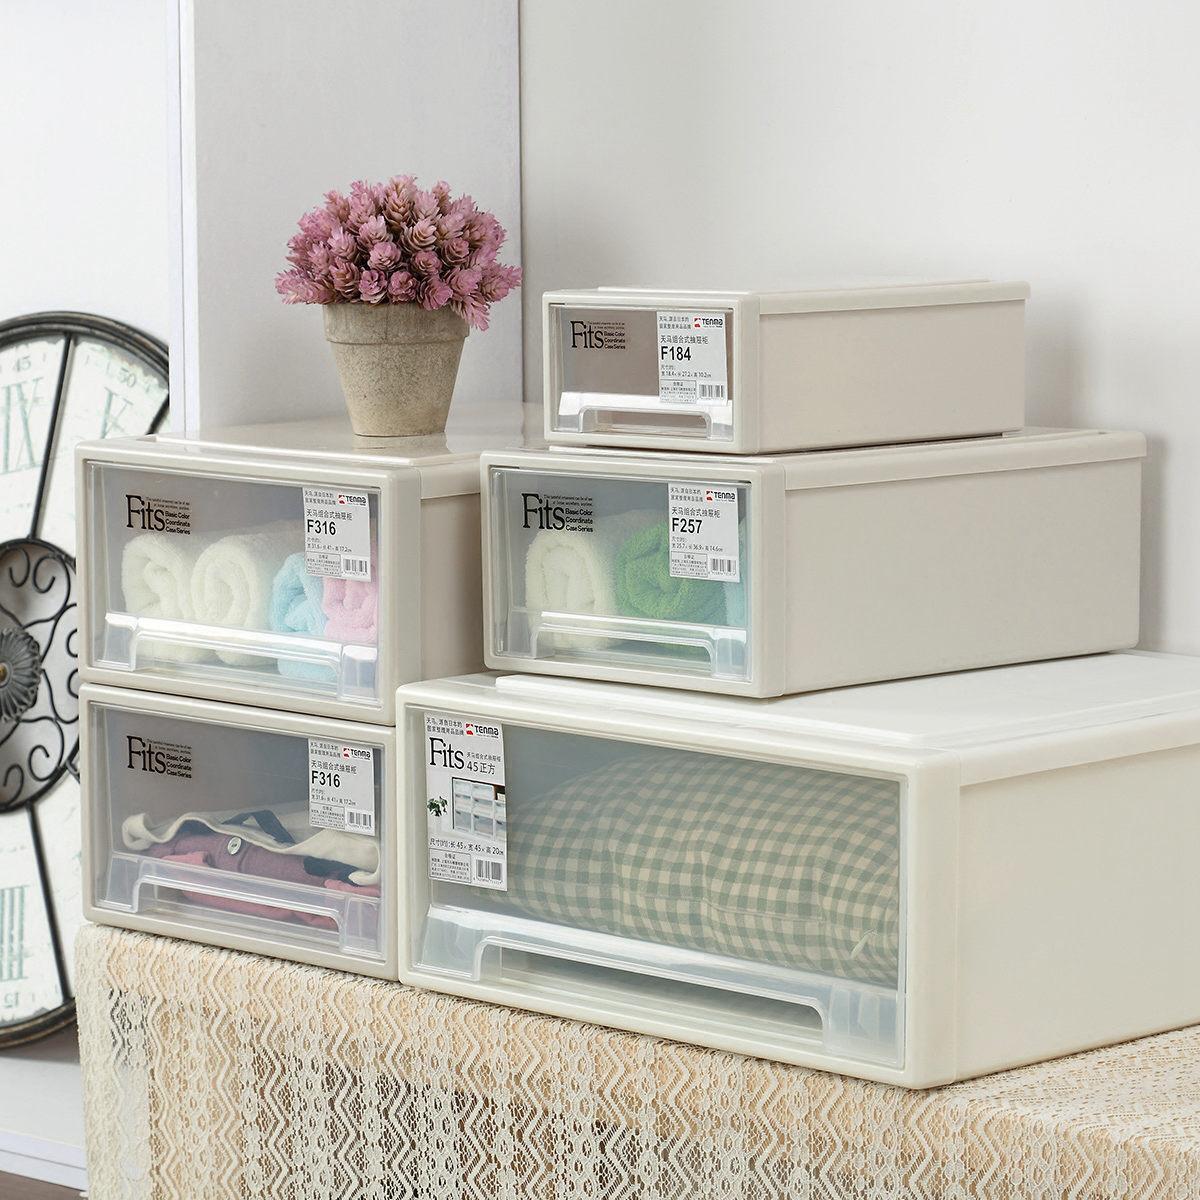 Tenma天馬FITS收納盒抽屜整理箱 可疊加收納箱衣服整理櫃45正方